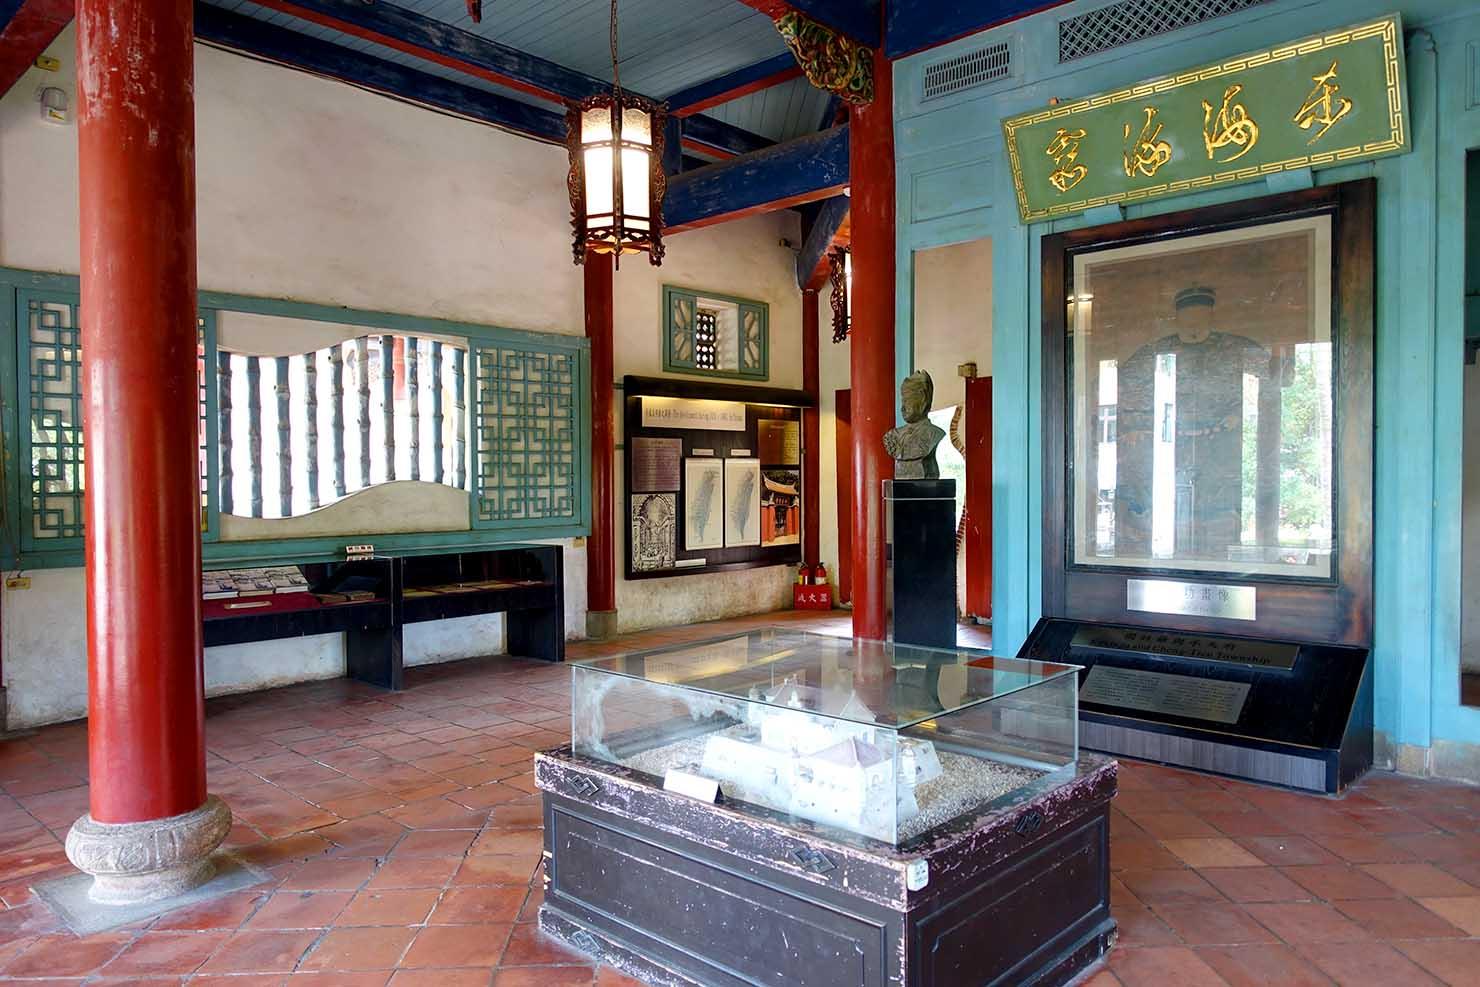 台湾の古都・台南のおすすめ観光スポット「赤崁樓」文昌閣の内部